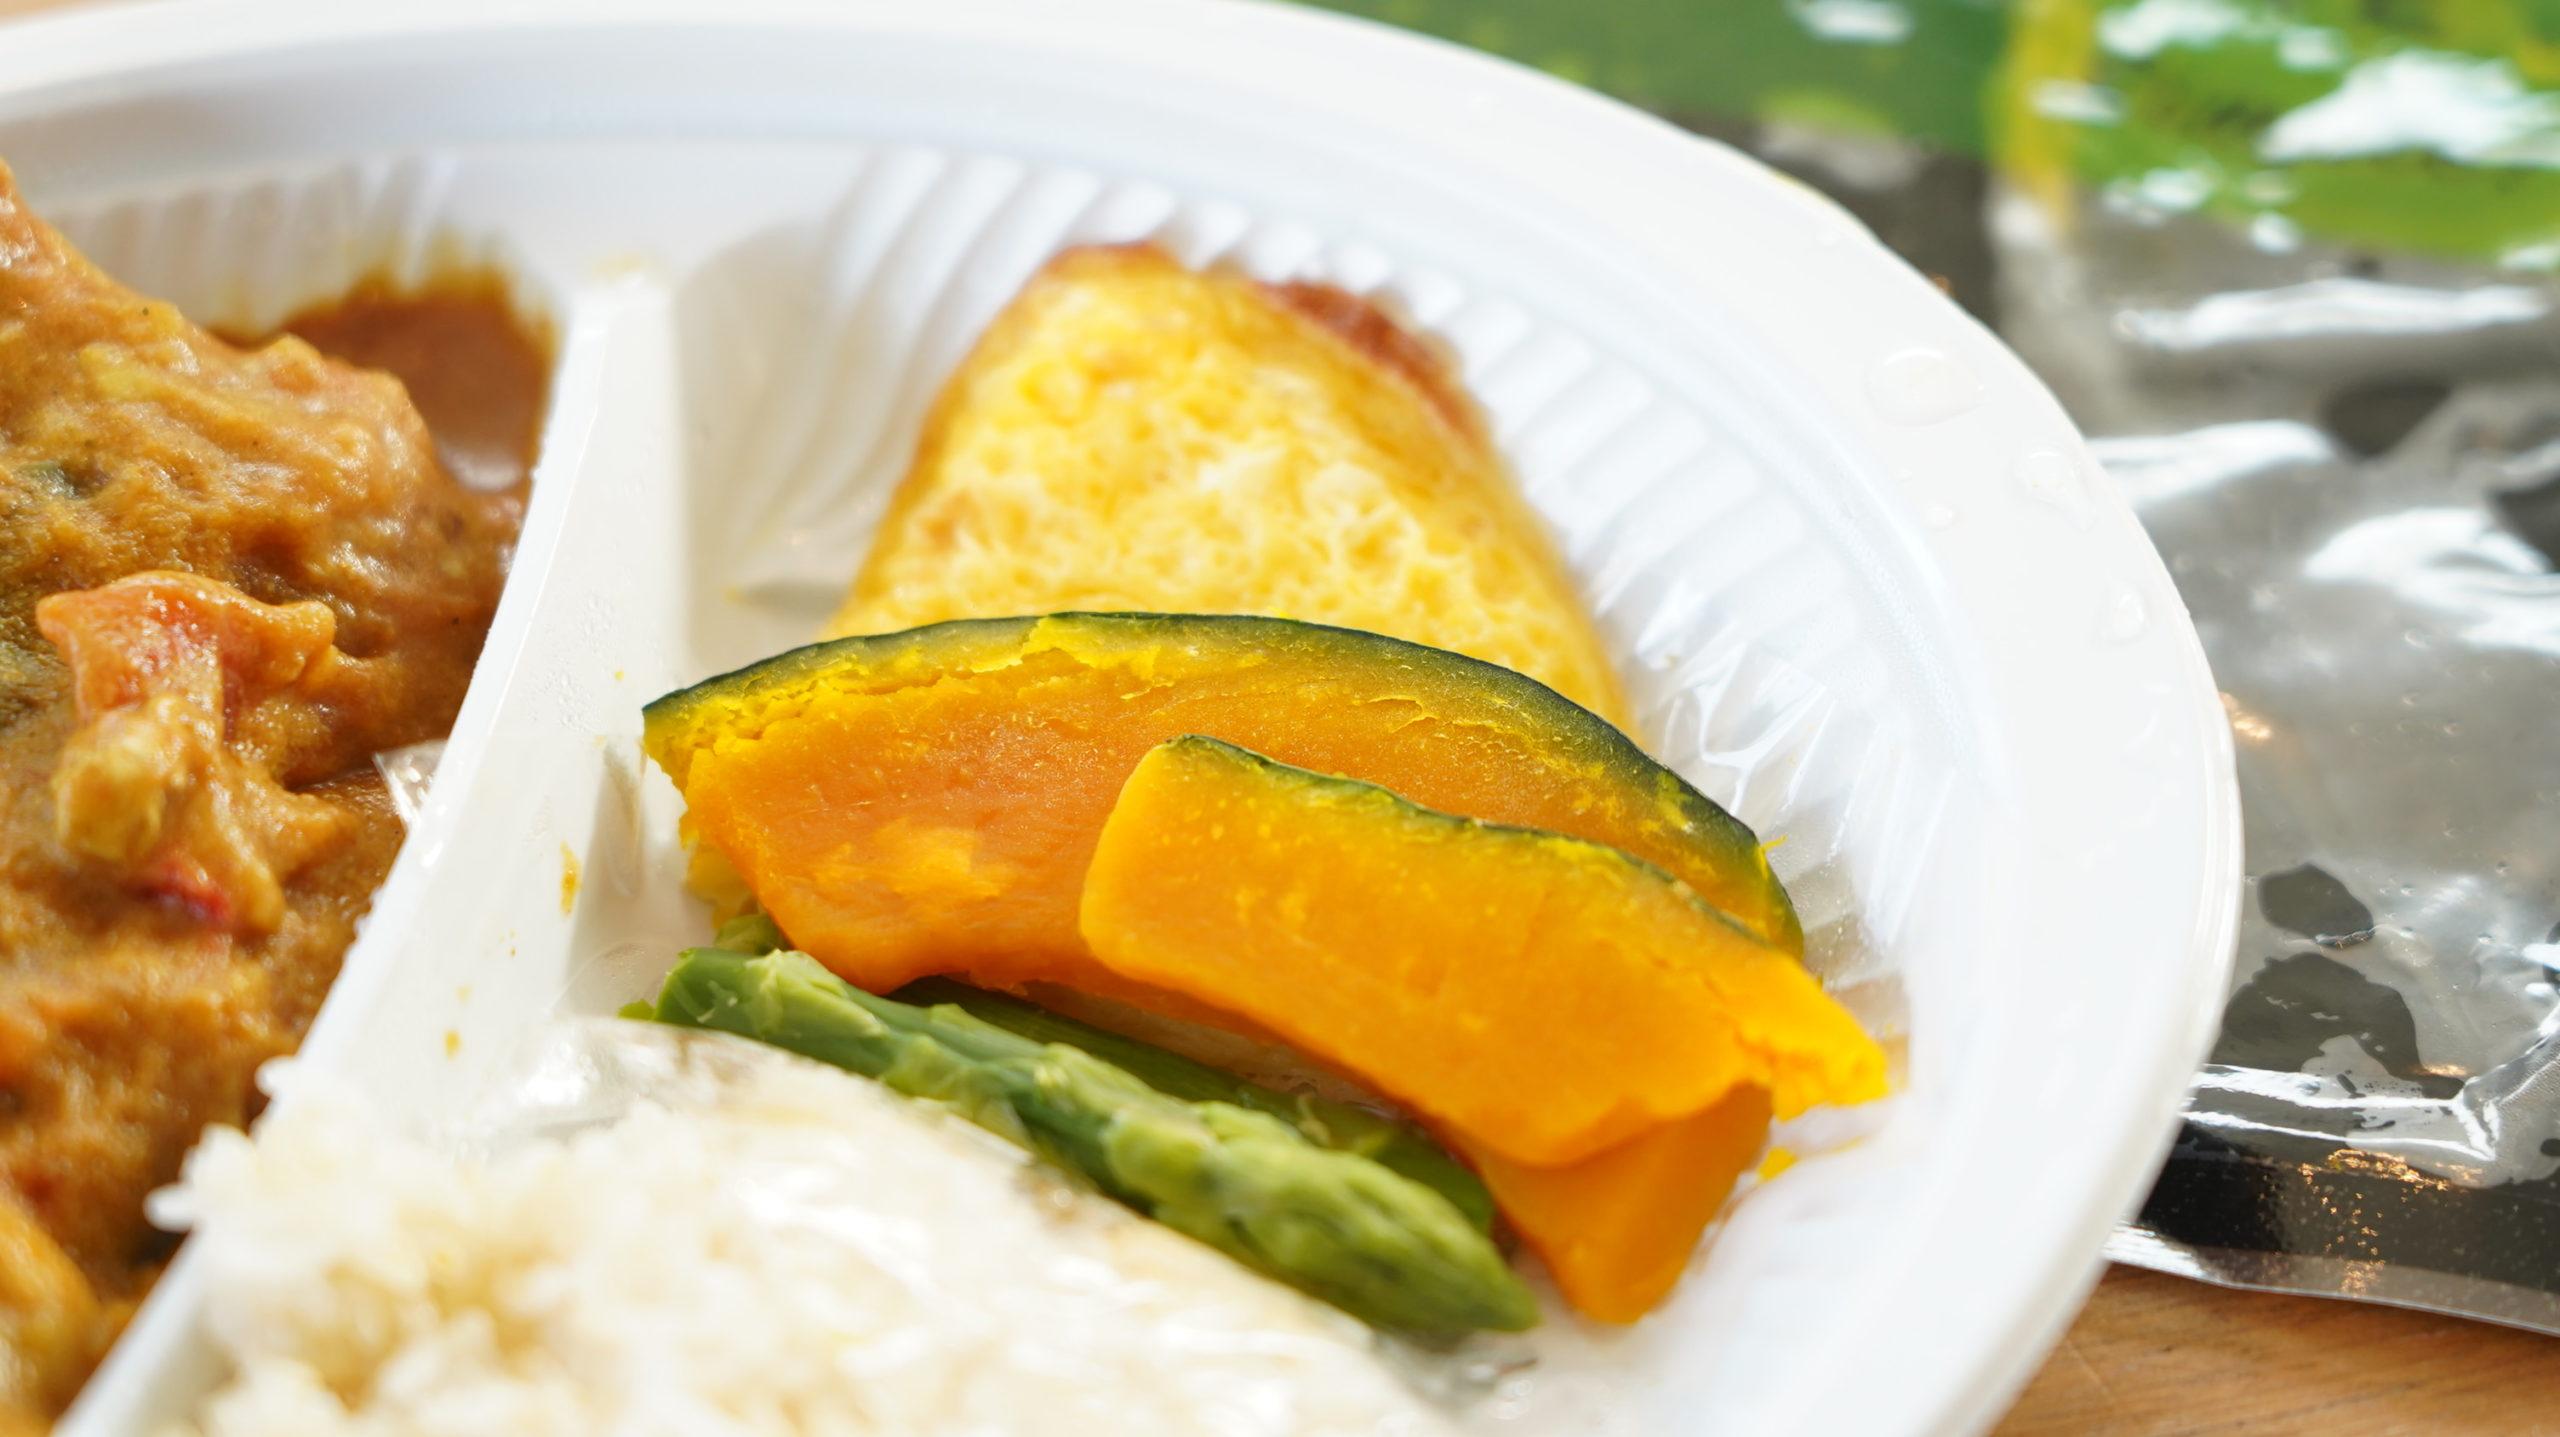 More than Deli(モアザンデリ)の冷凍弁当「鶏むね肉の野菜たっぷりカレー」の付け合わせのカボチャの写真